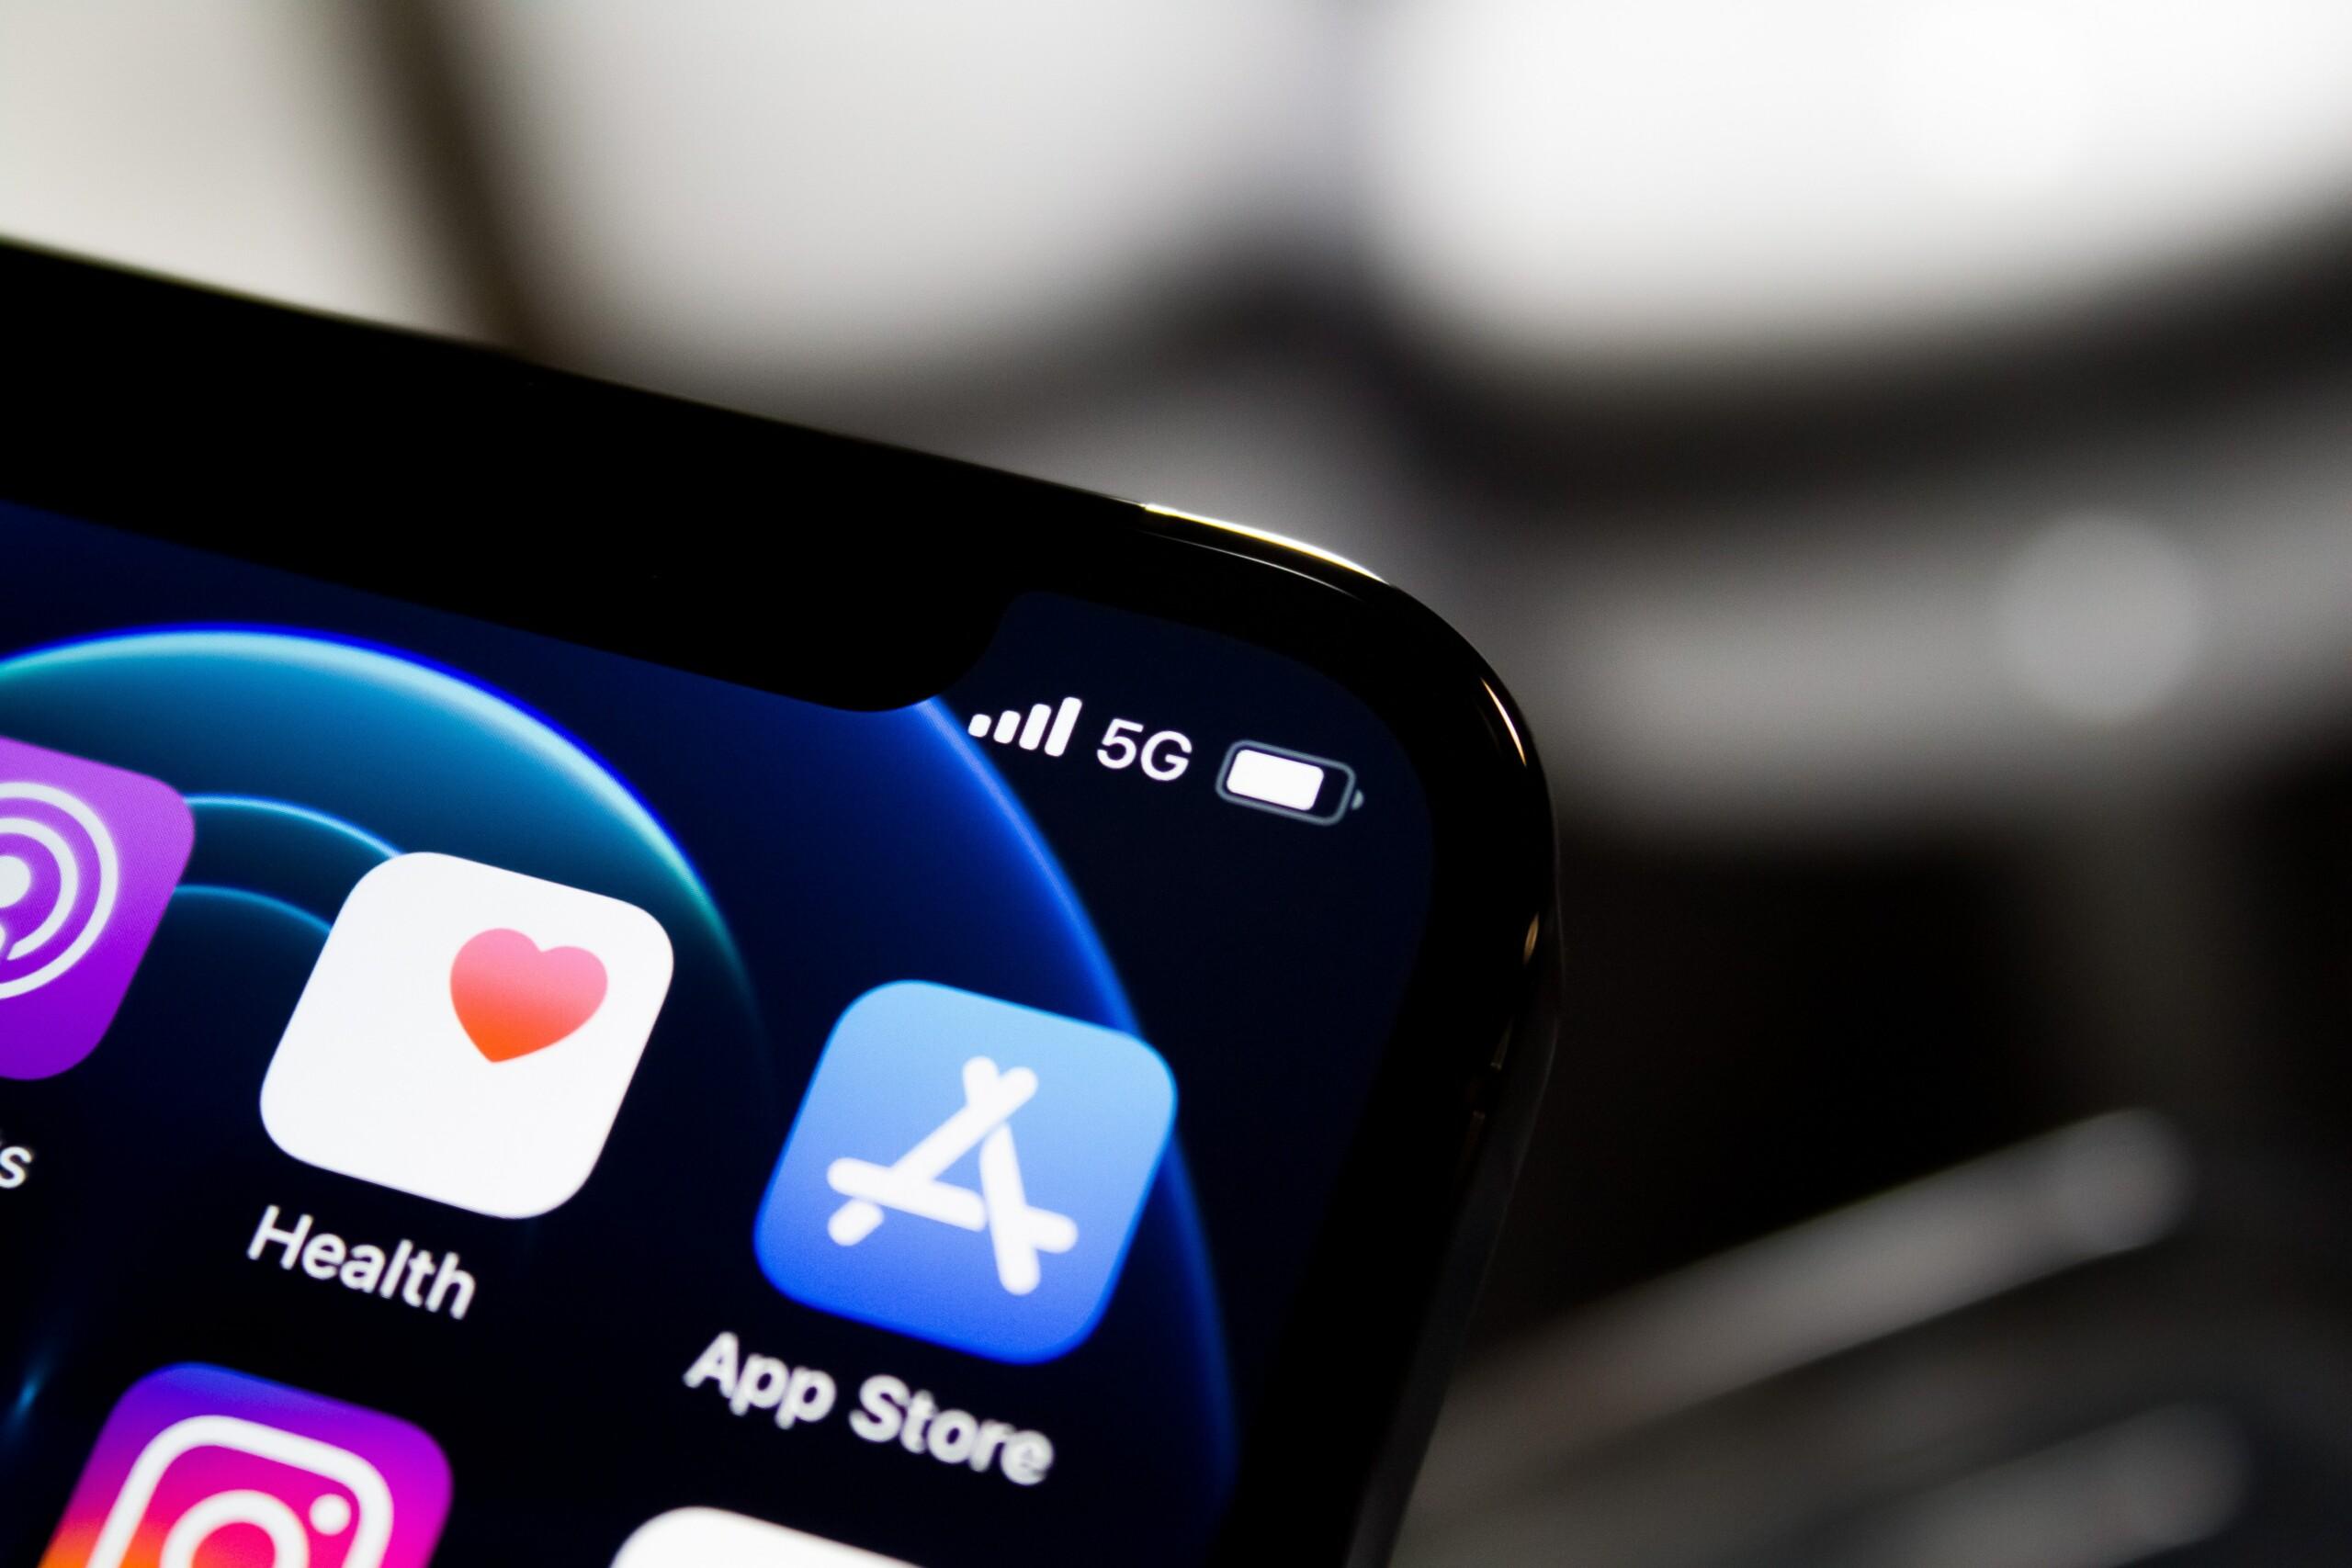 La 5G disponible dans 15 villes françaises d'ici au 3 décembre, mais pas à Paris